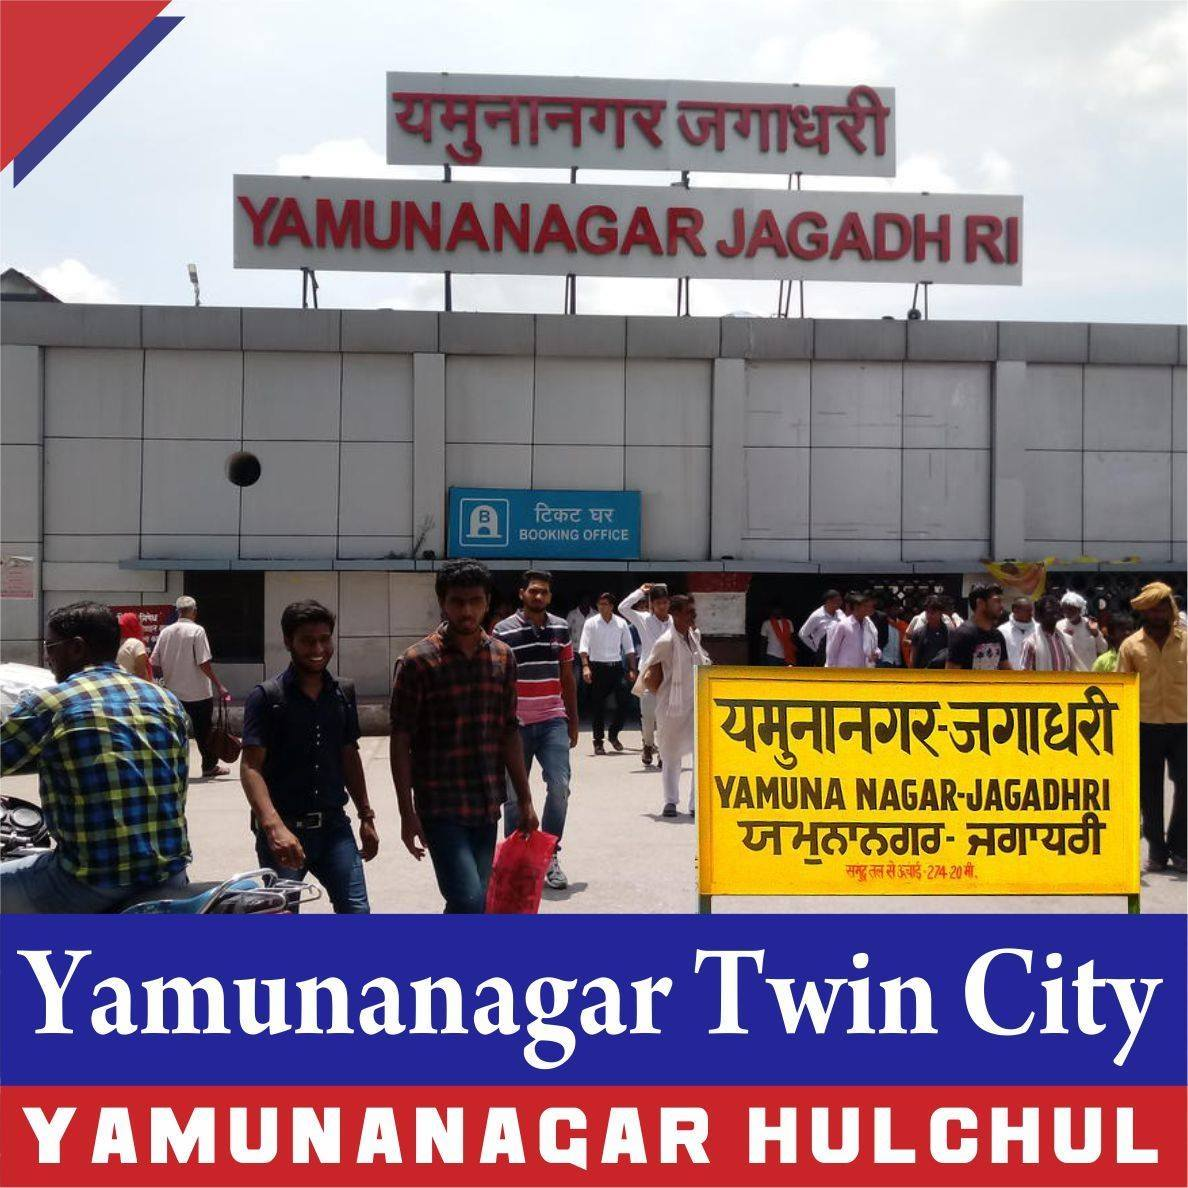 Yamunanagar Hulchul